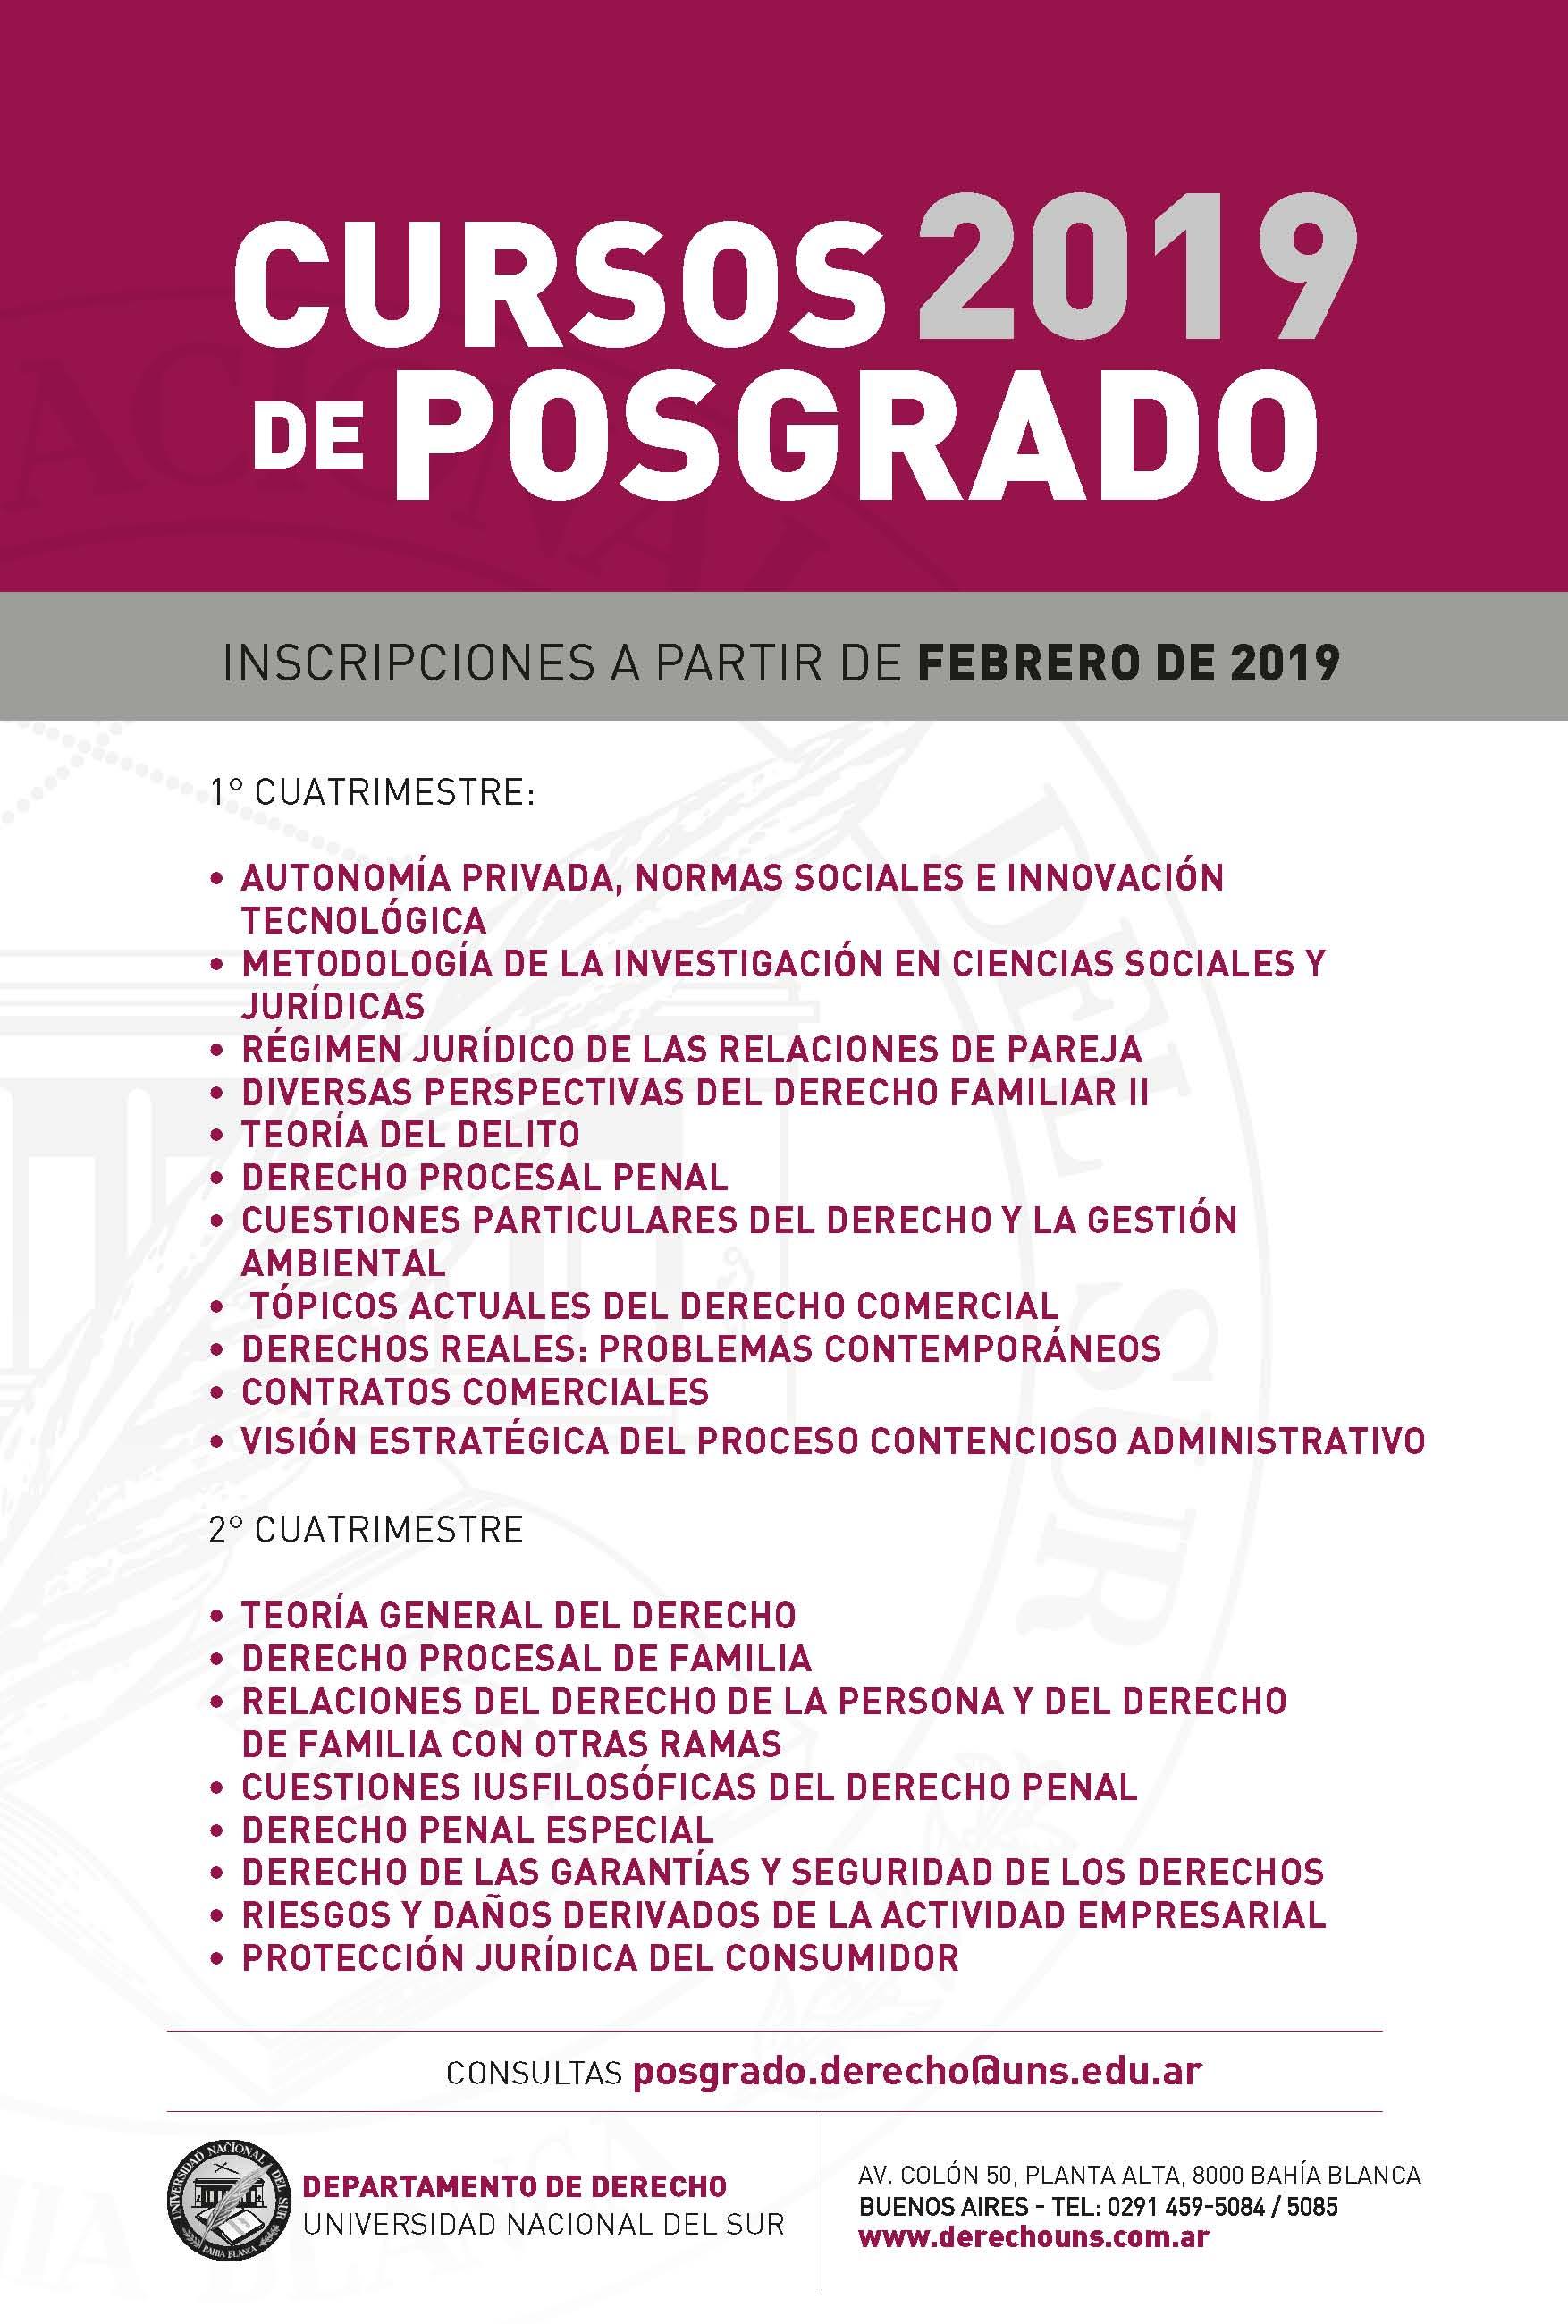 Cursos de Posgrado 2019